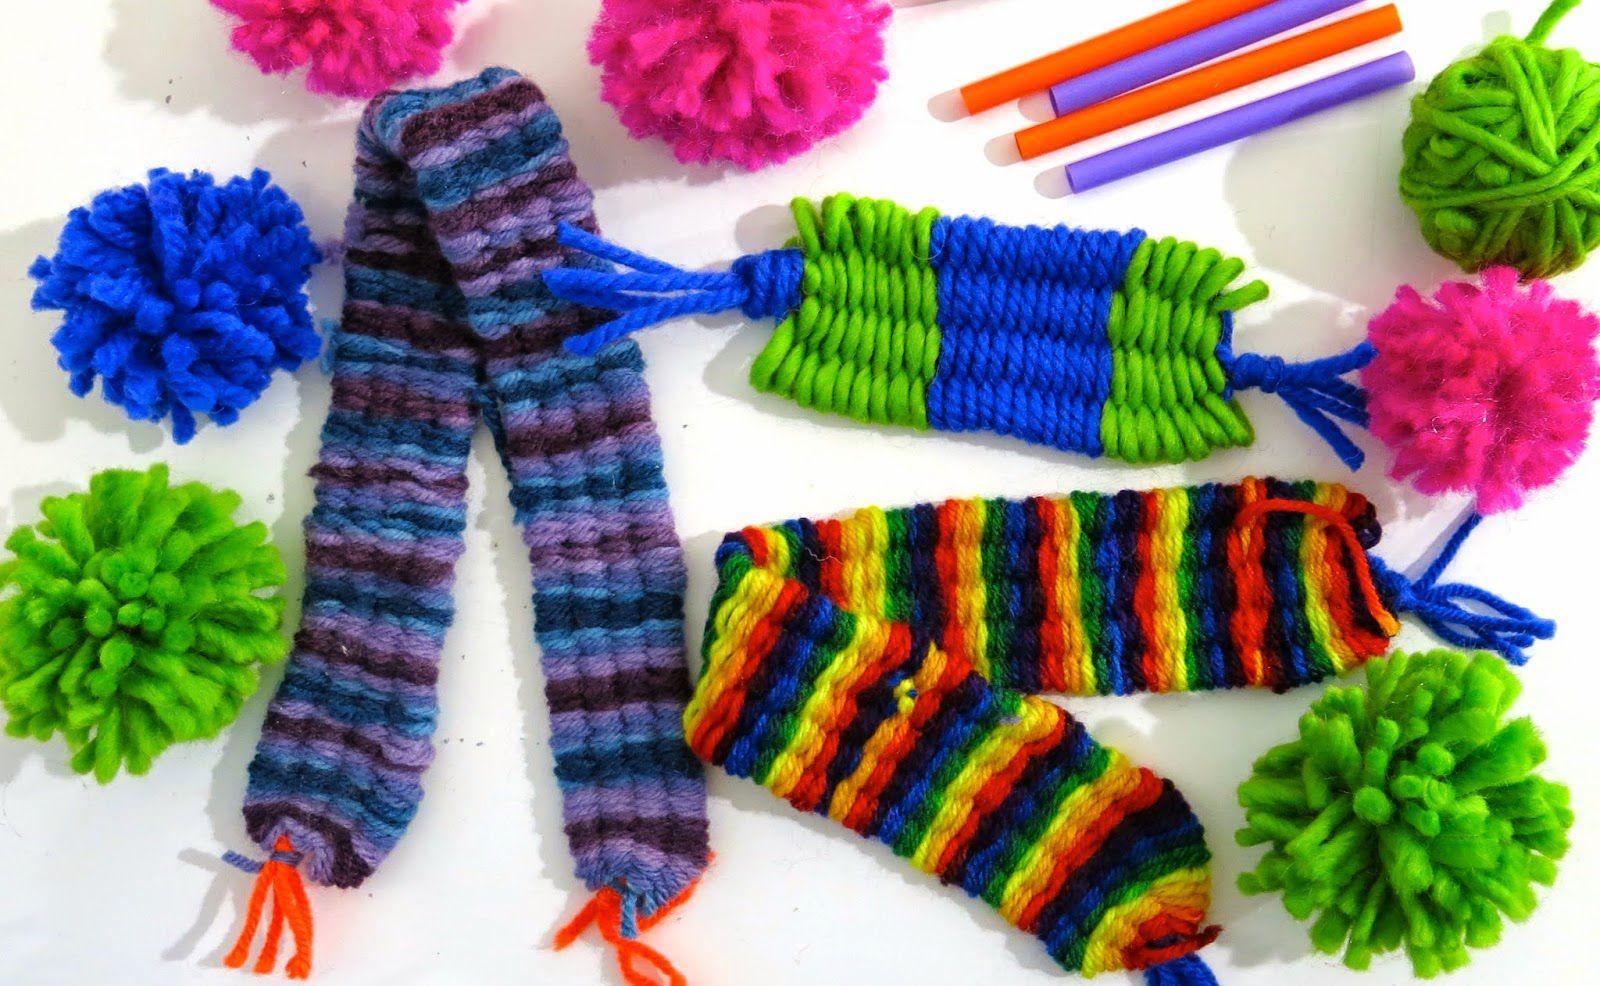 сам детирукамибытукрашениябраслетысвоимиподарки ткачество детьми с занятия для сделай детей